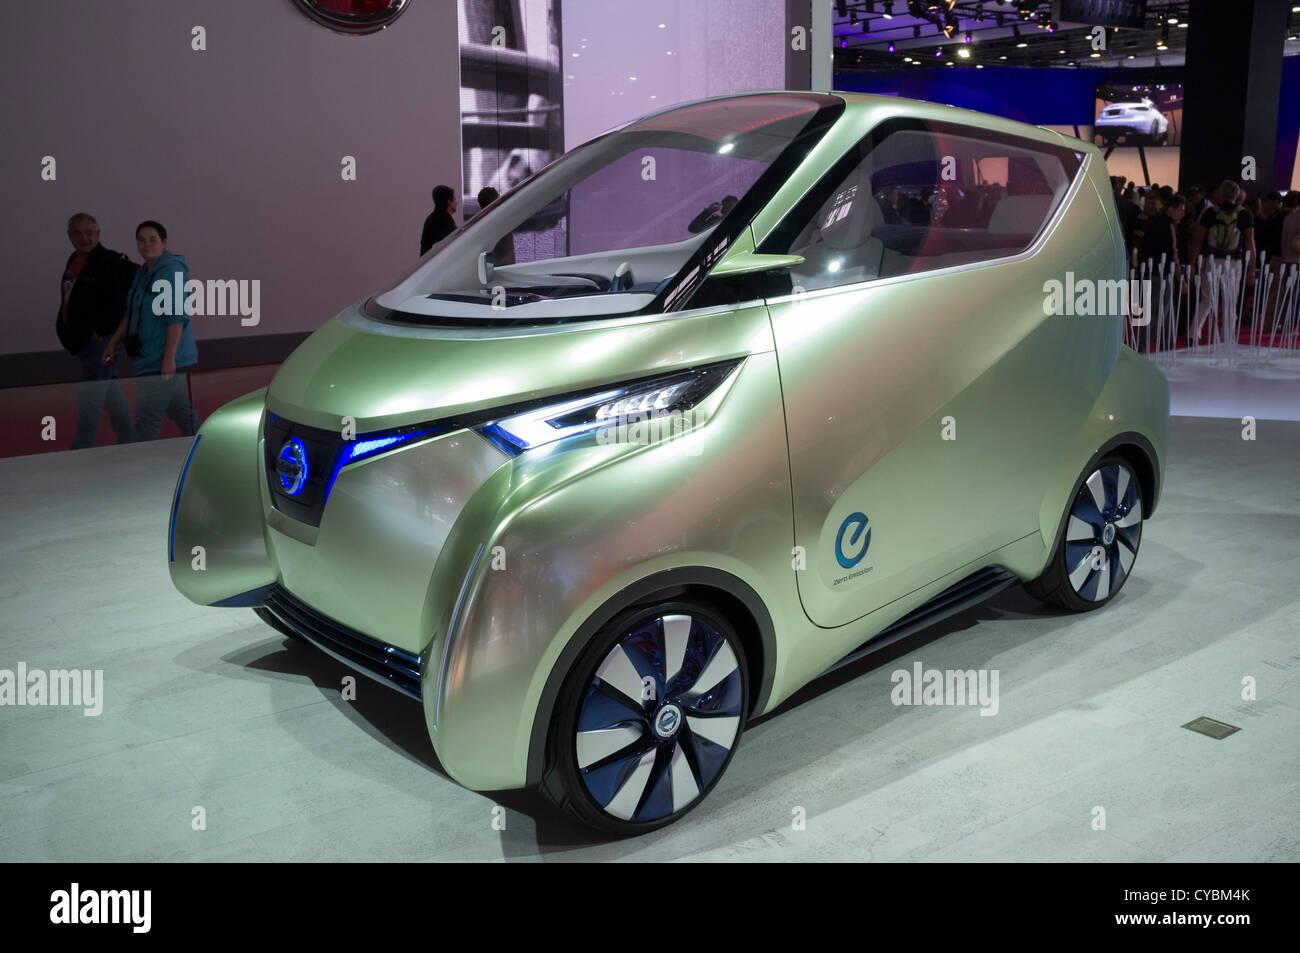 Nissan Pivo concept car elettrica al Motor Show di Parigi 2012 Immagini Stock